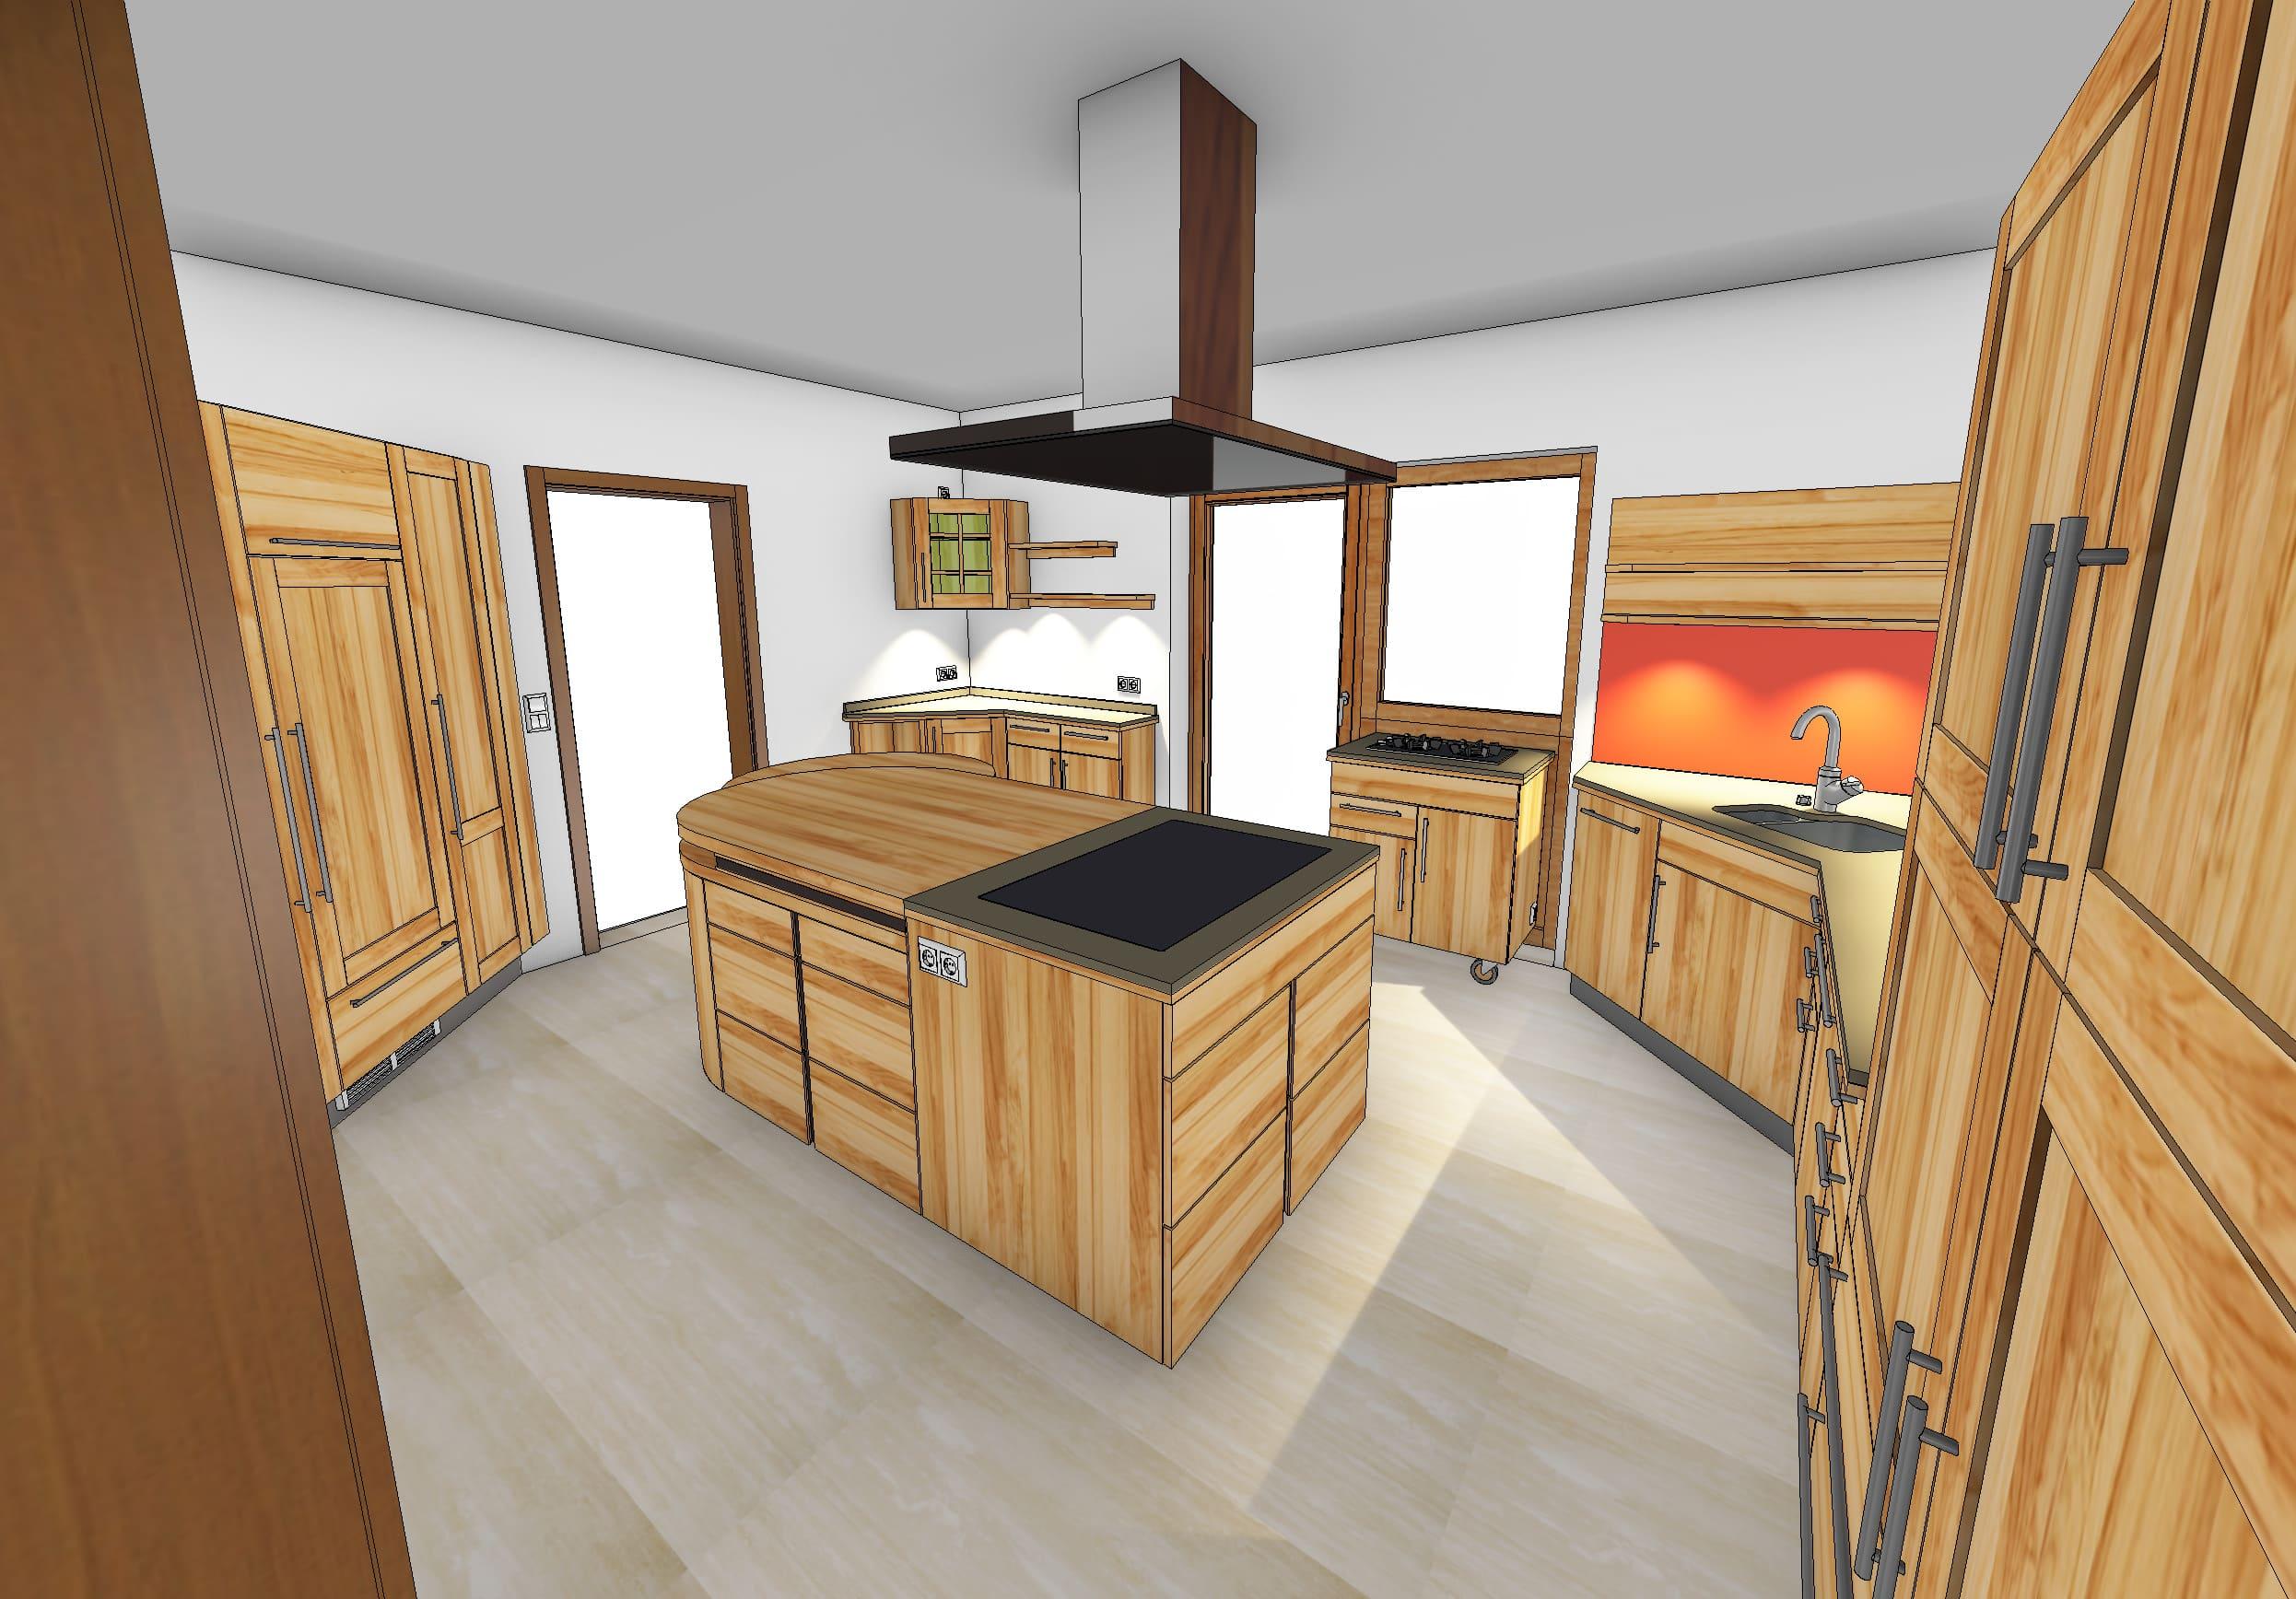 Full Size of Massivholzküche Abverkauf Massivholzkche Gnstig Sonstige Musterkche Bad Inselküche Wohnzimmer Massivholzküche Abverkauf